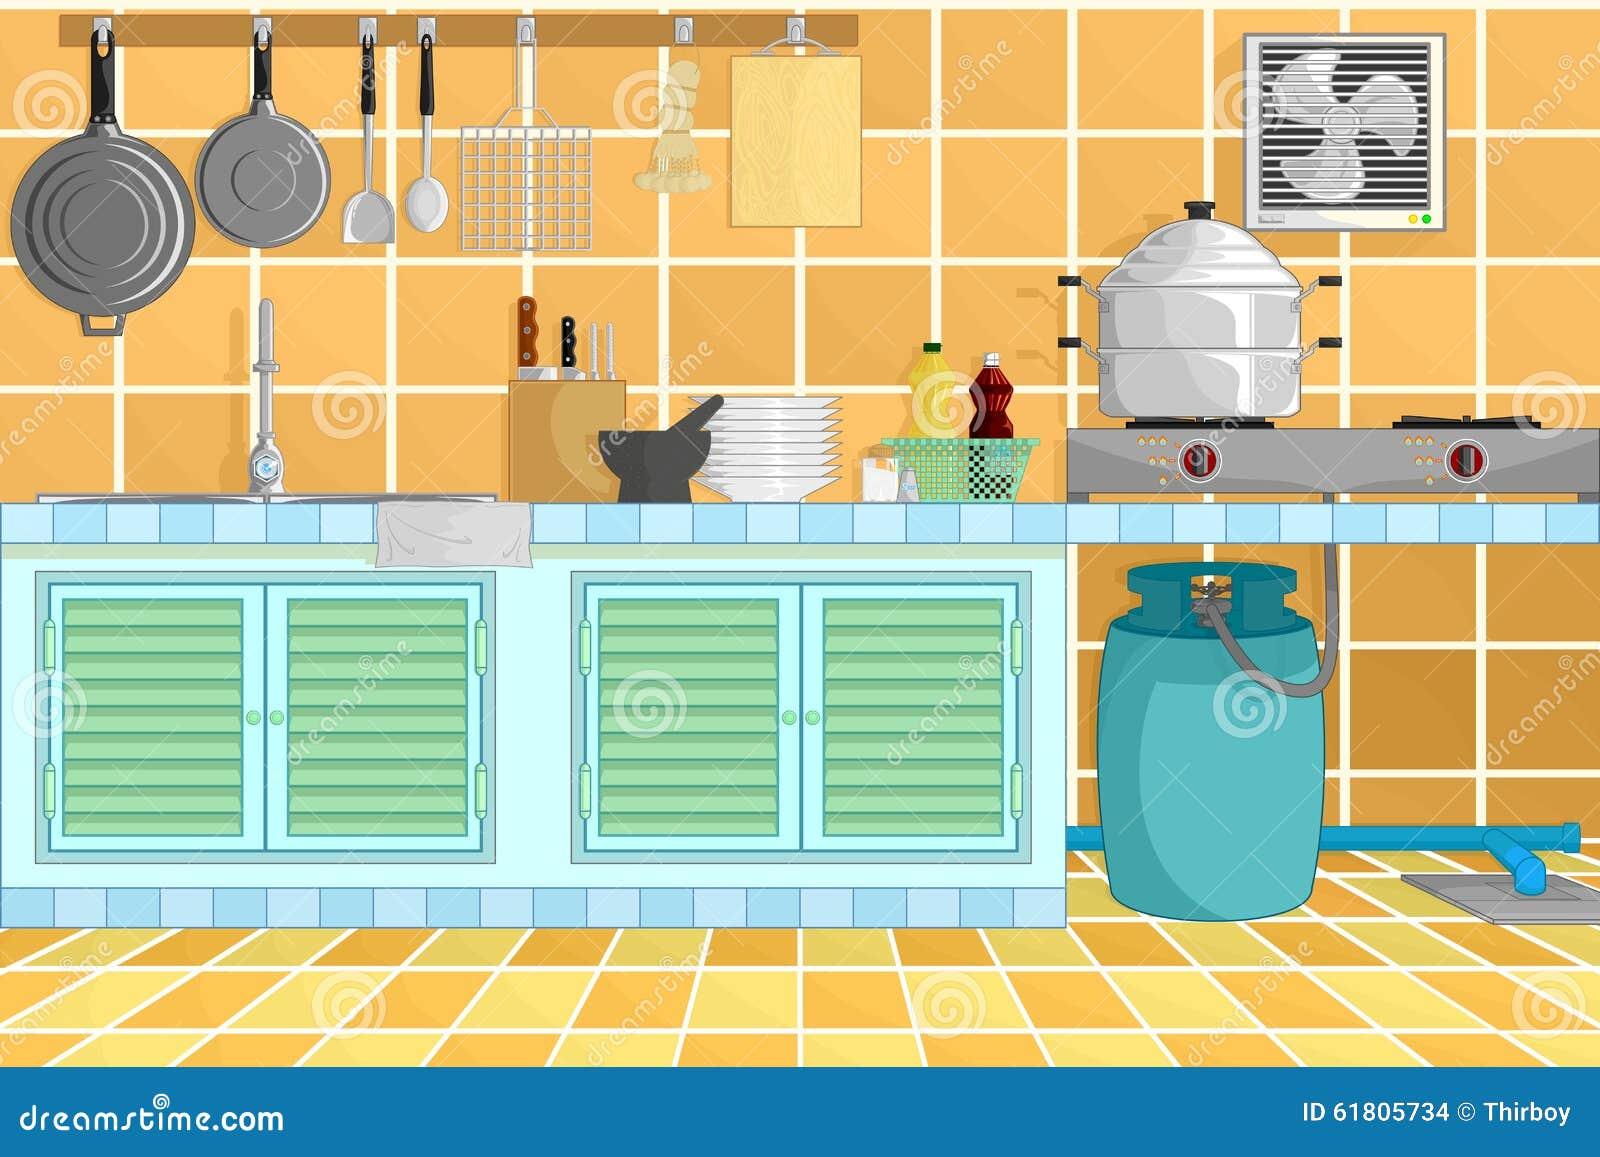 Kitchen Interior Background With Kitchenware. Vector Illustration ...